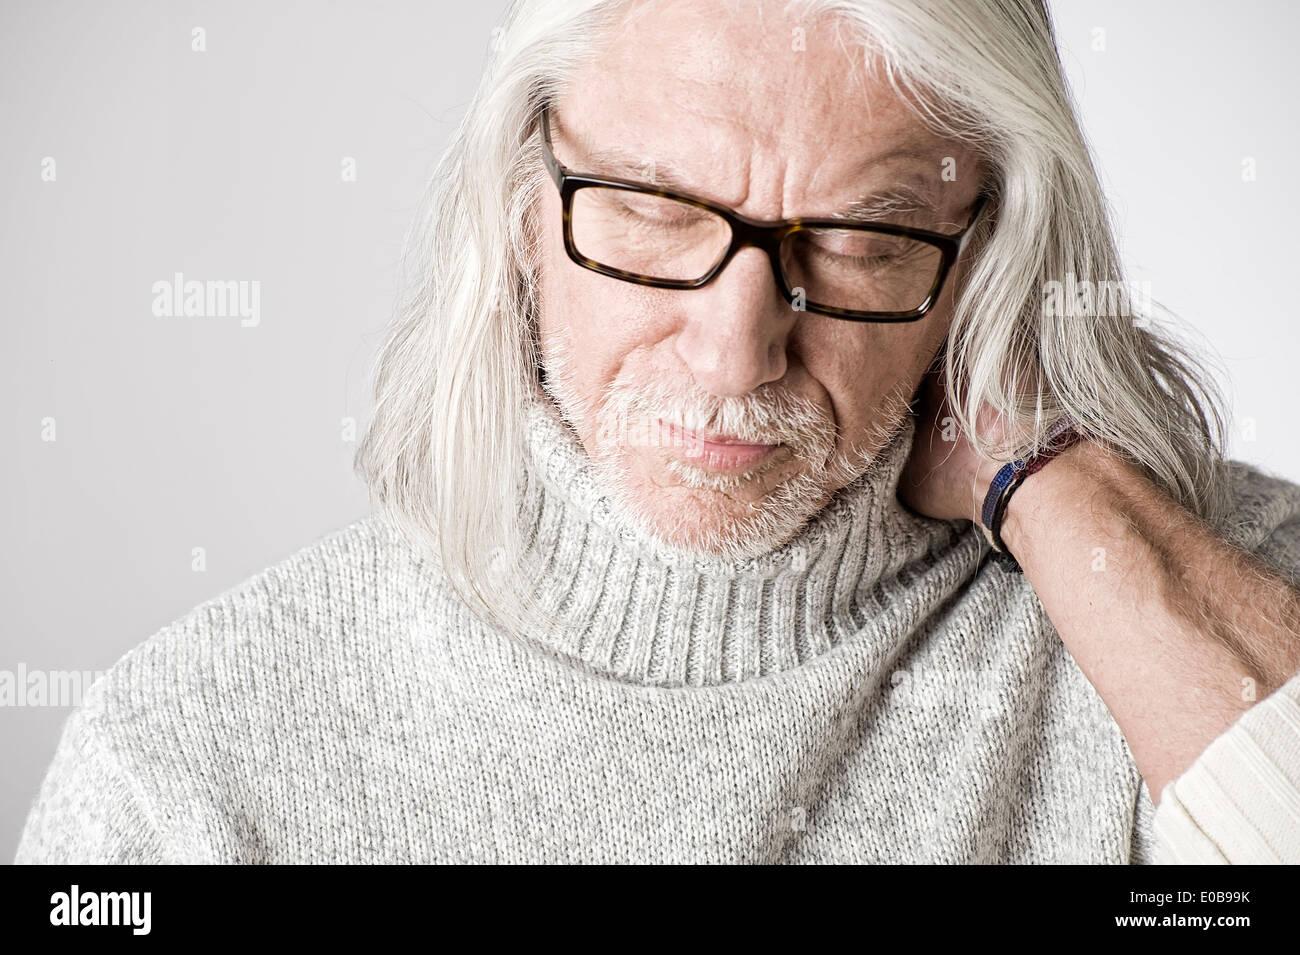 Retrato de hombre maduro, los ojos cerrados, la mano en la cabeza. Imagen De Stock